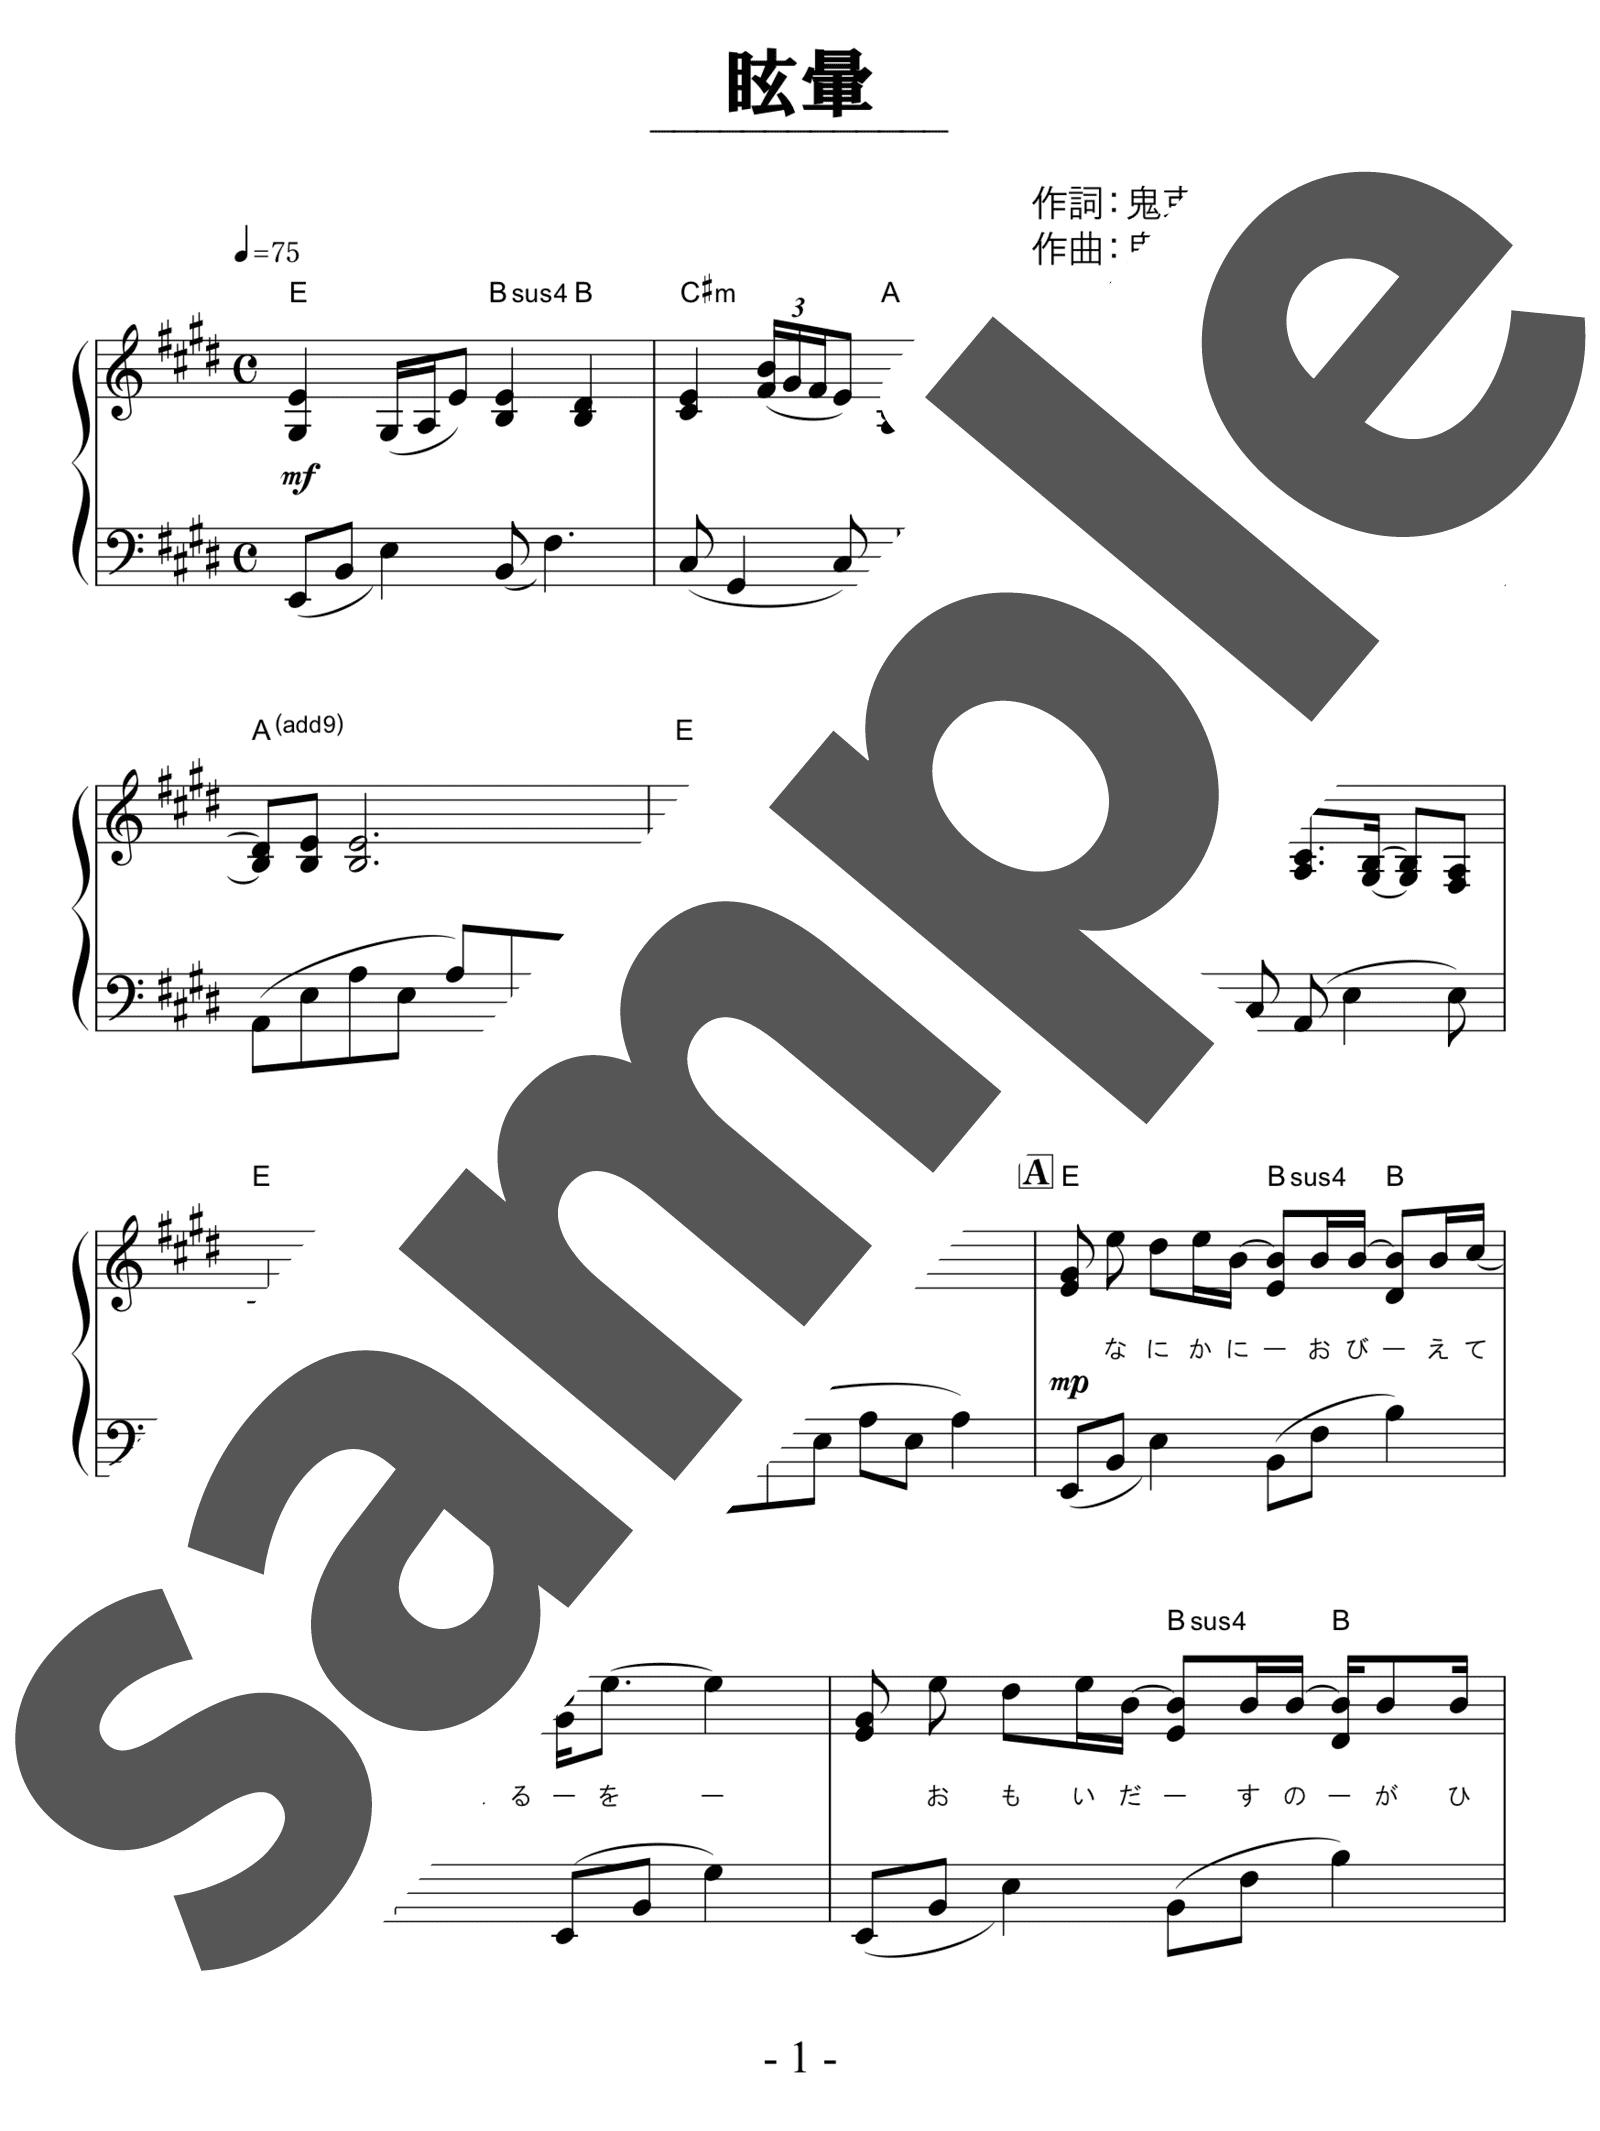 「眩暈」のサンプル楽譜